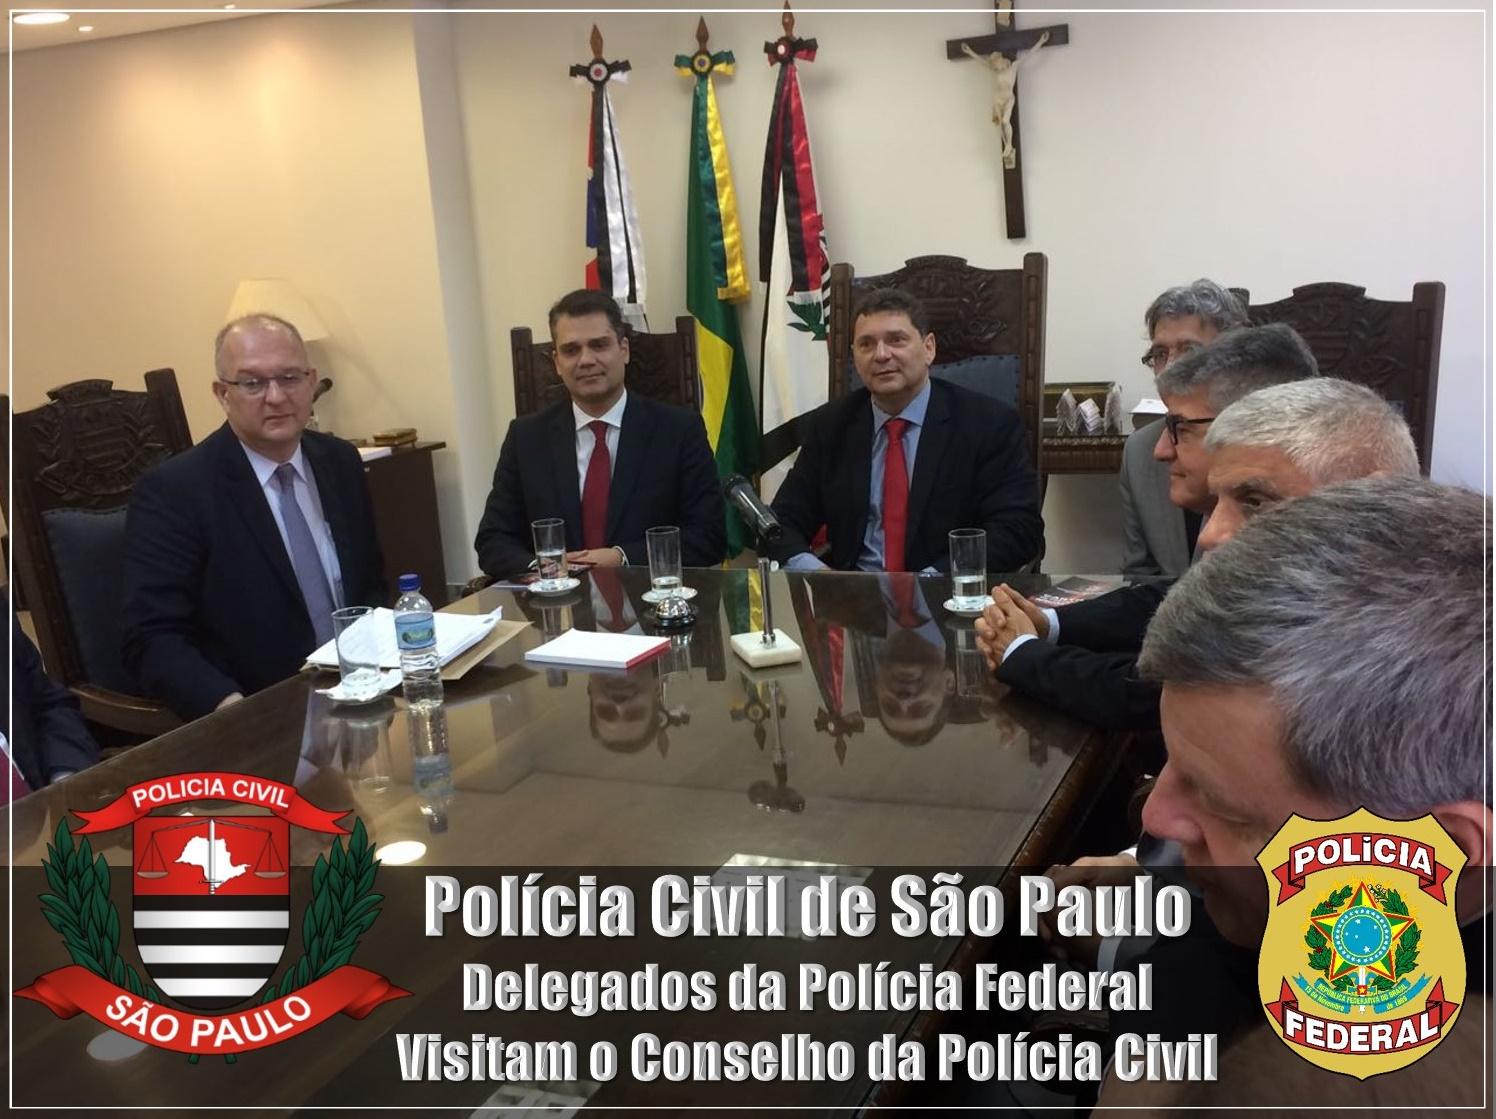 delegado da policia federal no conselho da policia civil